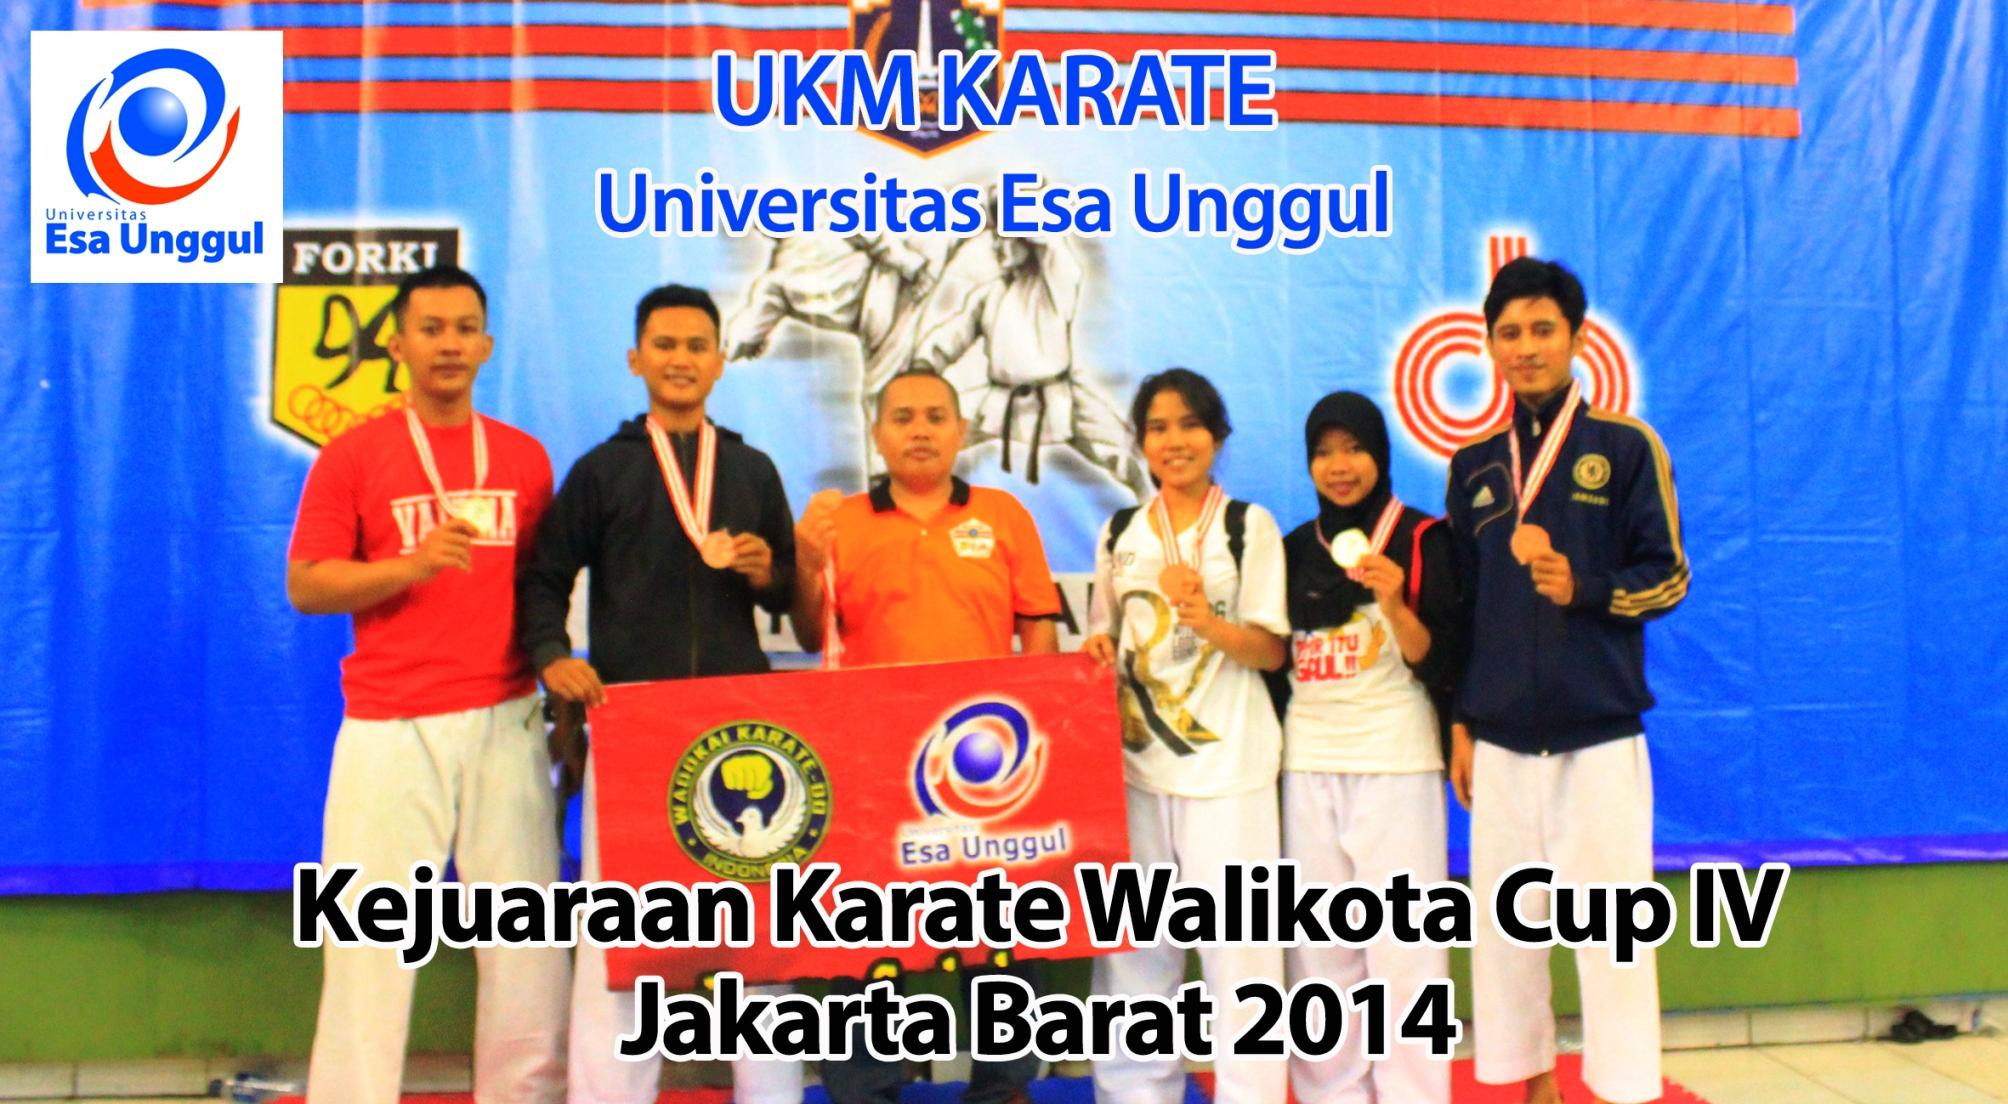 UKM Karate Universitas Esa Unggul meraih 2 Medali Perunggu dan 1 Medali Perak dalam Kejuaraan Karate Walikota Cup IV Jakarta Barat 2014